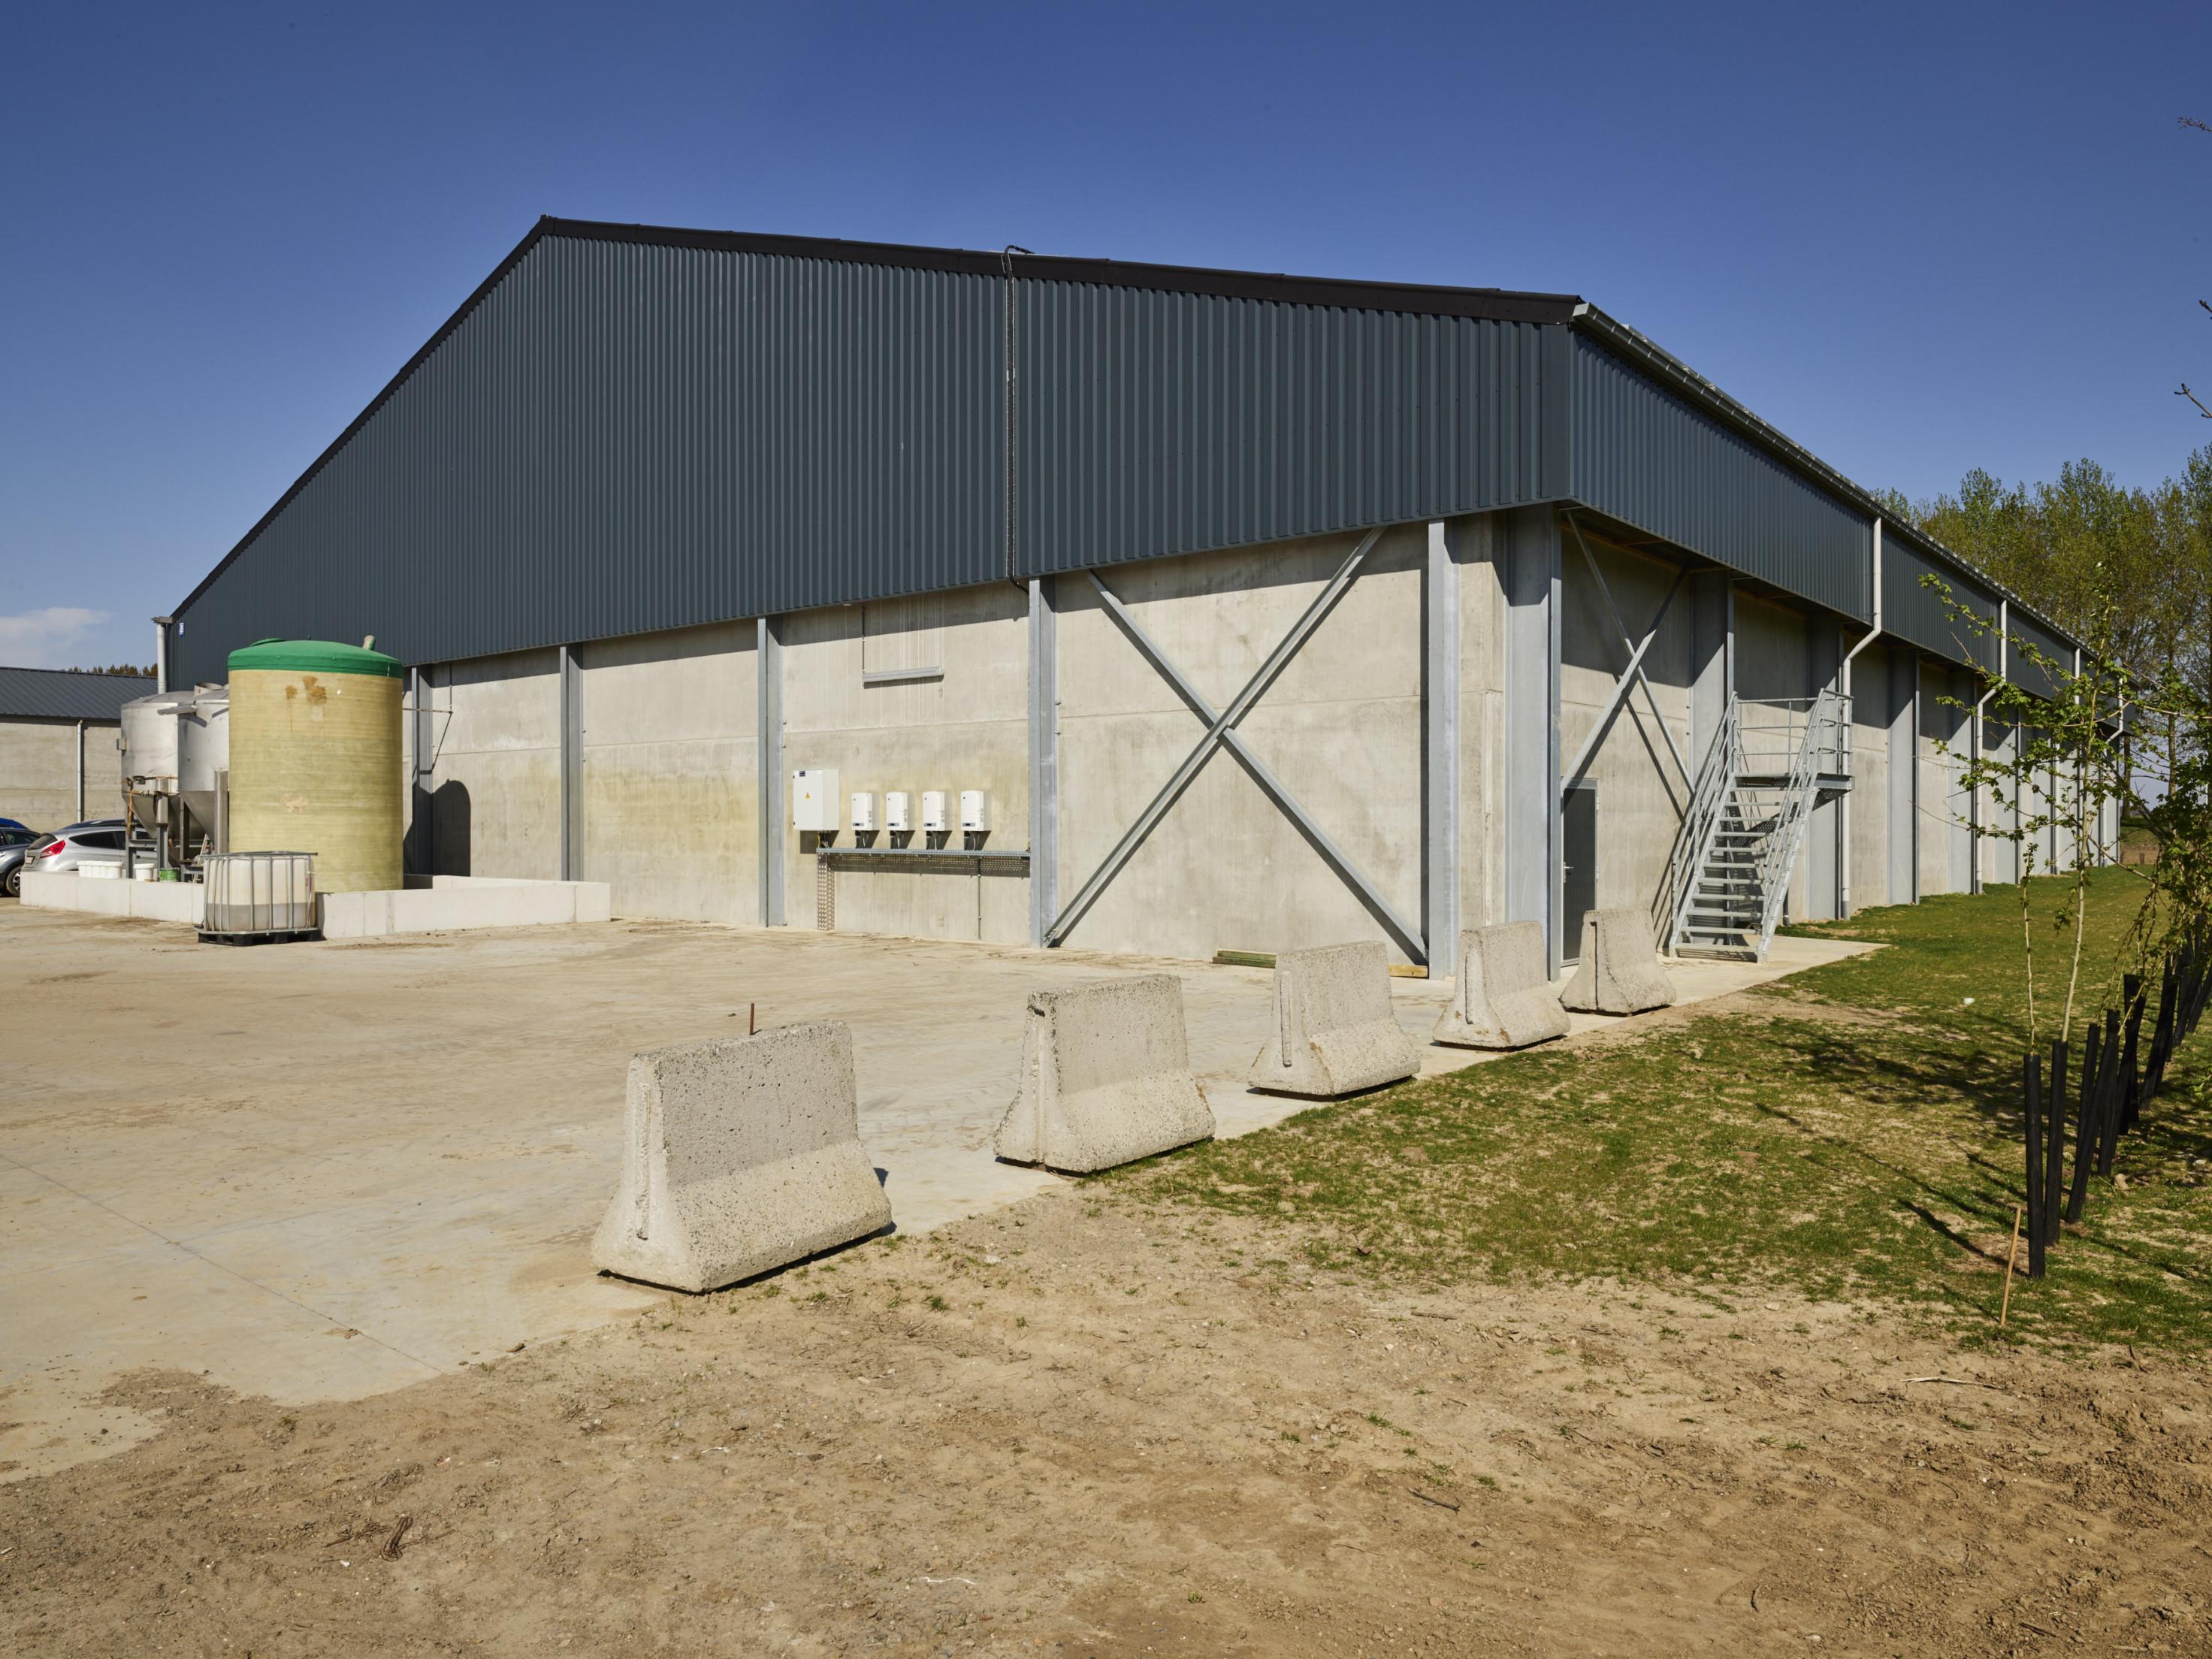 De Roeck. Beveren Waas. Agrobouw. Agrarische gebouwen. Aardappelloodsen. Stockageloods